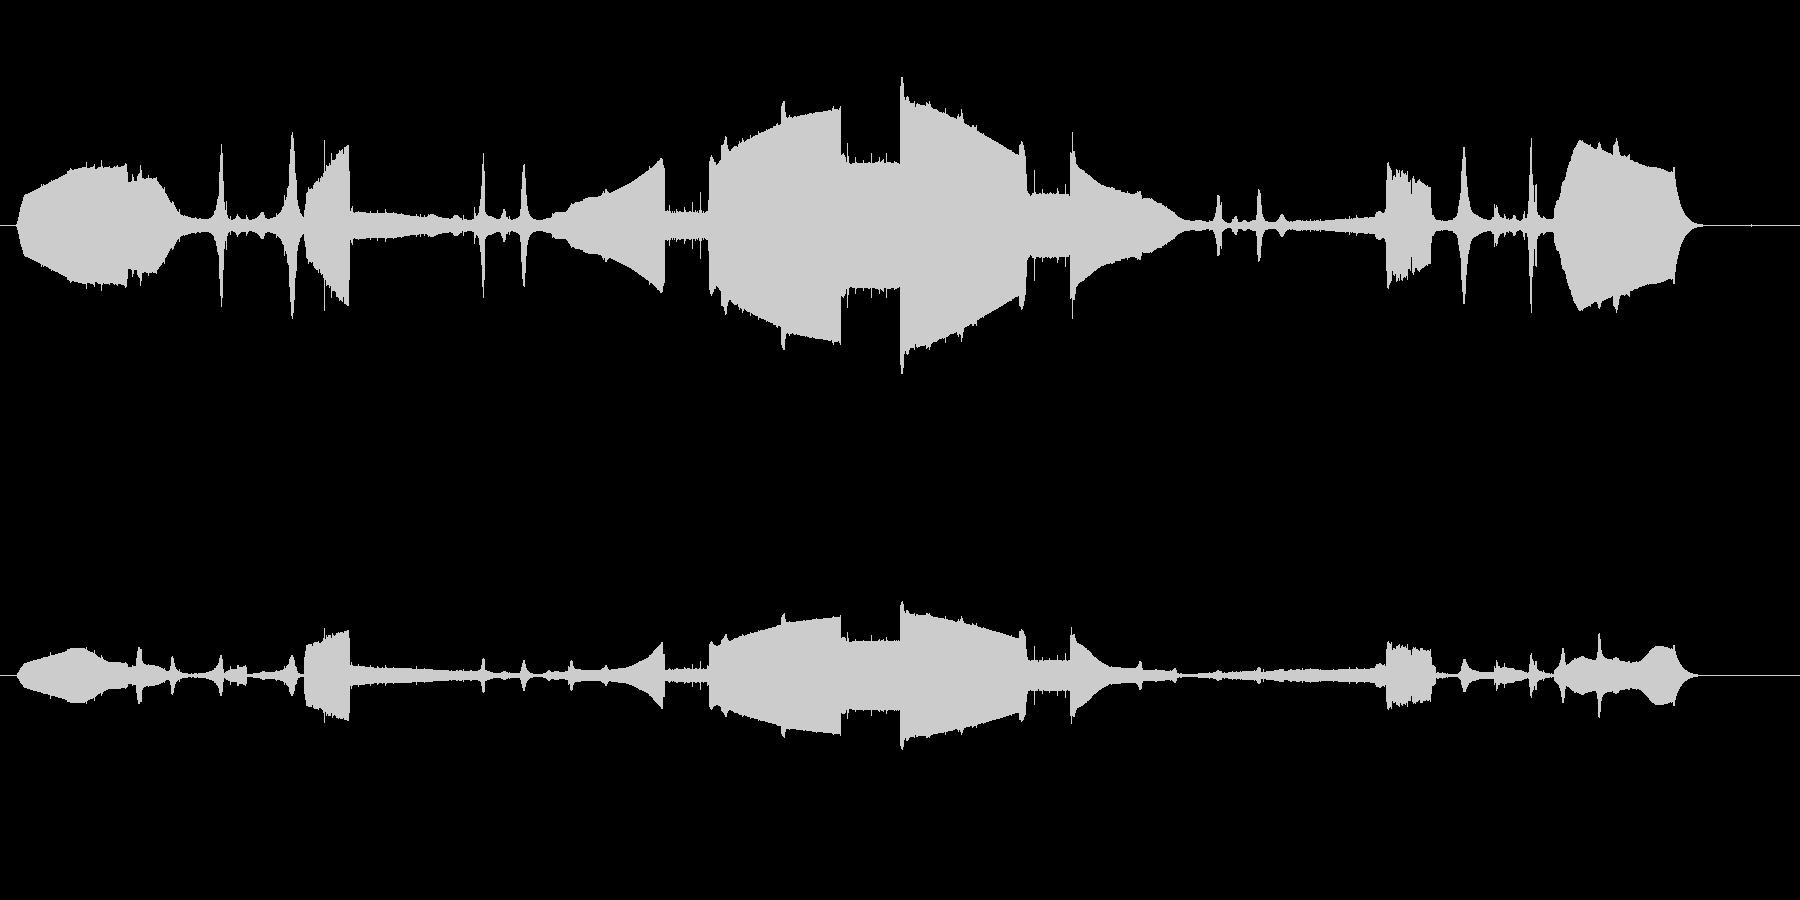 機械 ランダム計算02の未再生の波形